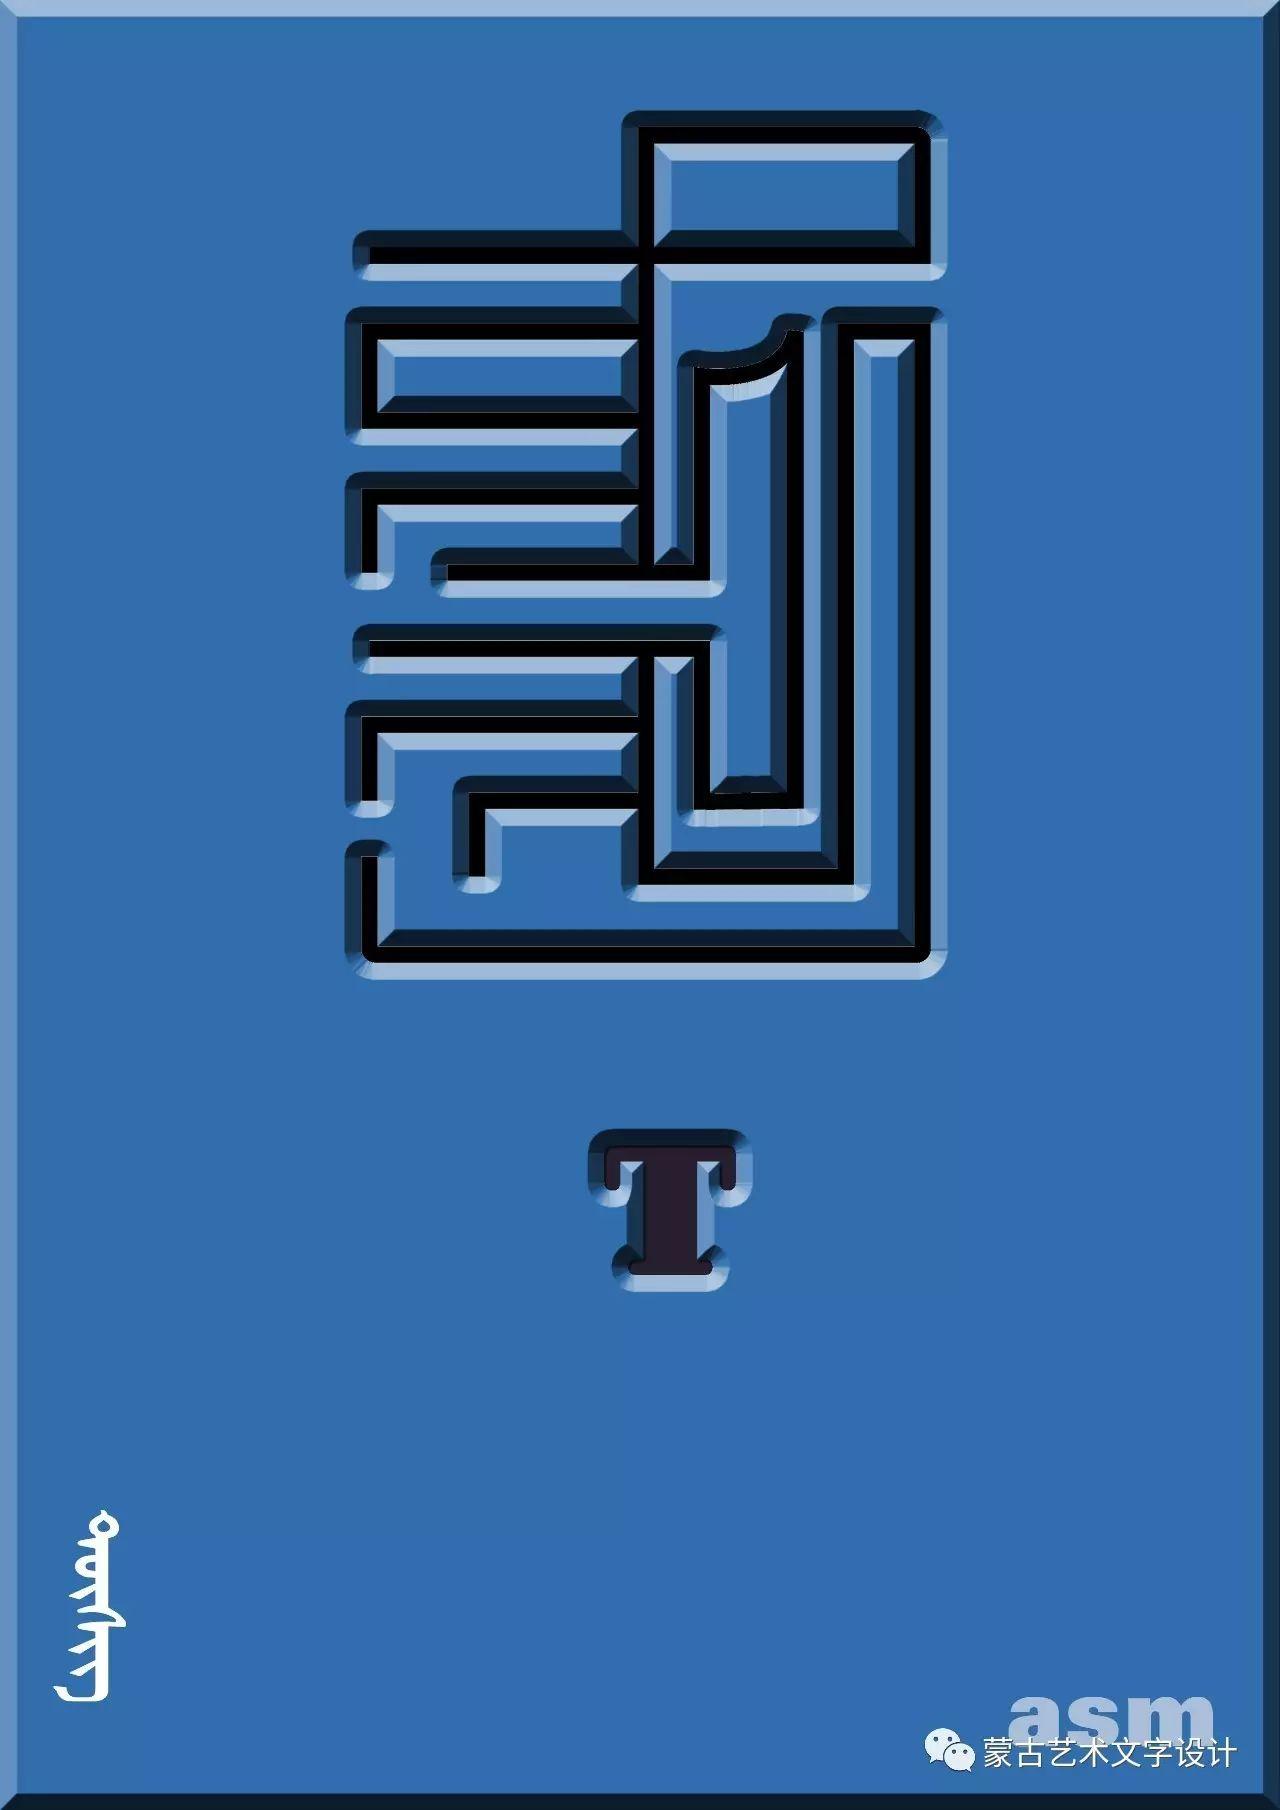 蒙古艺术文字设计 第69张